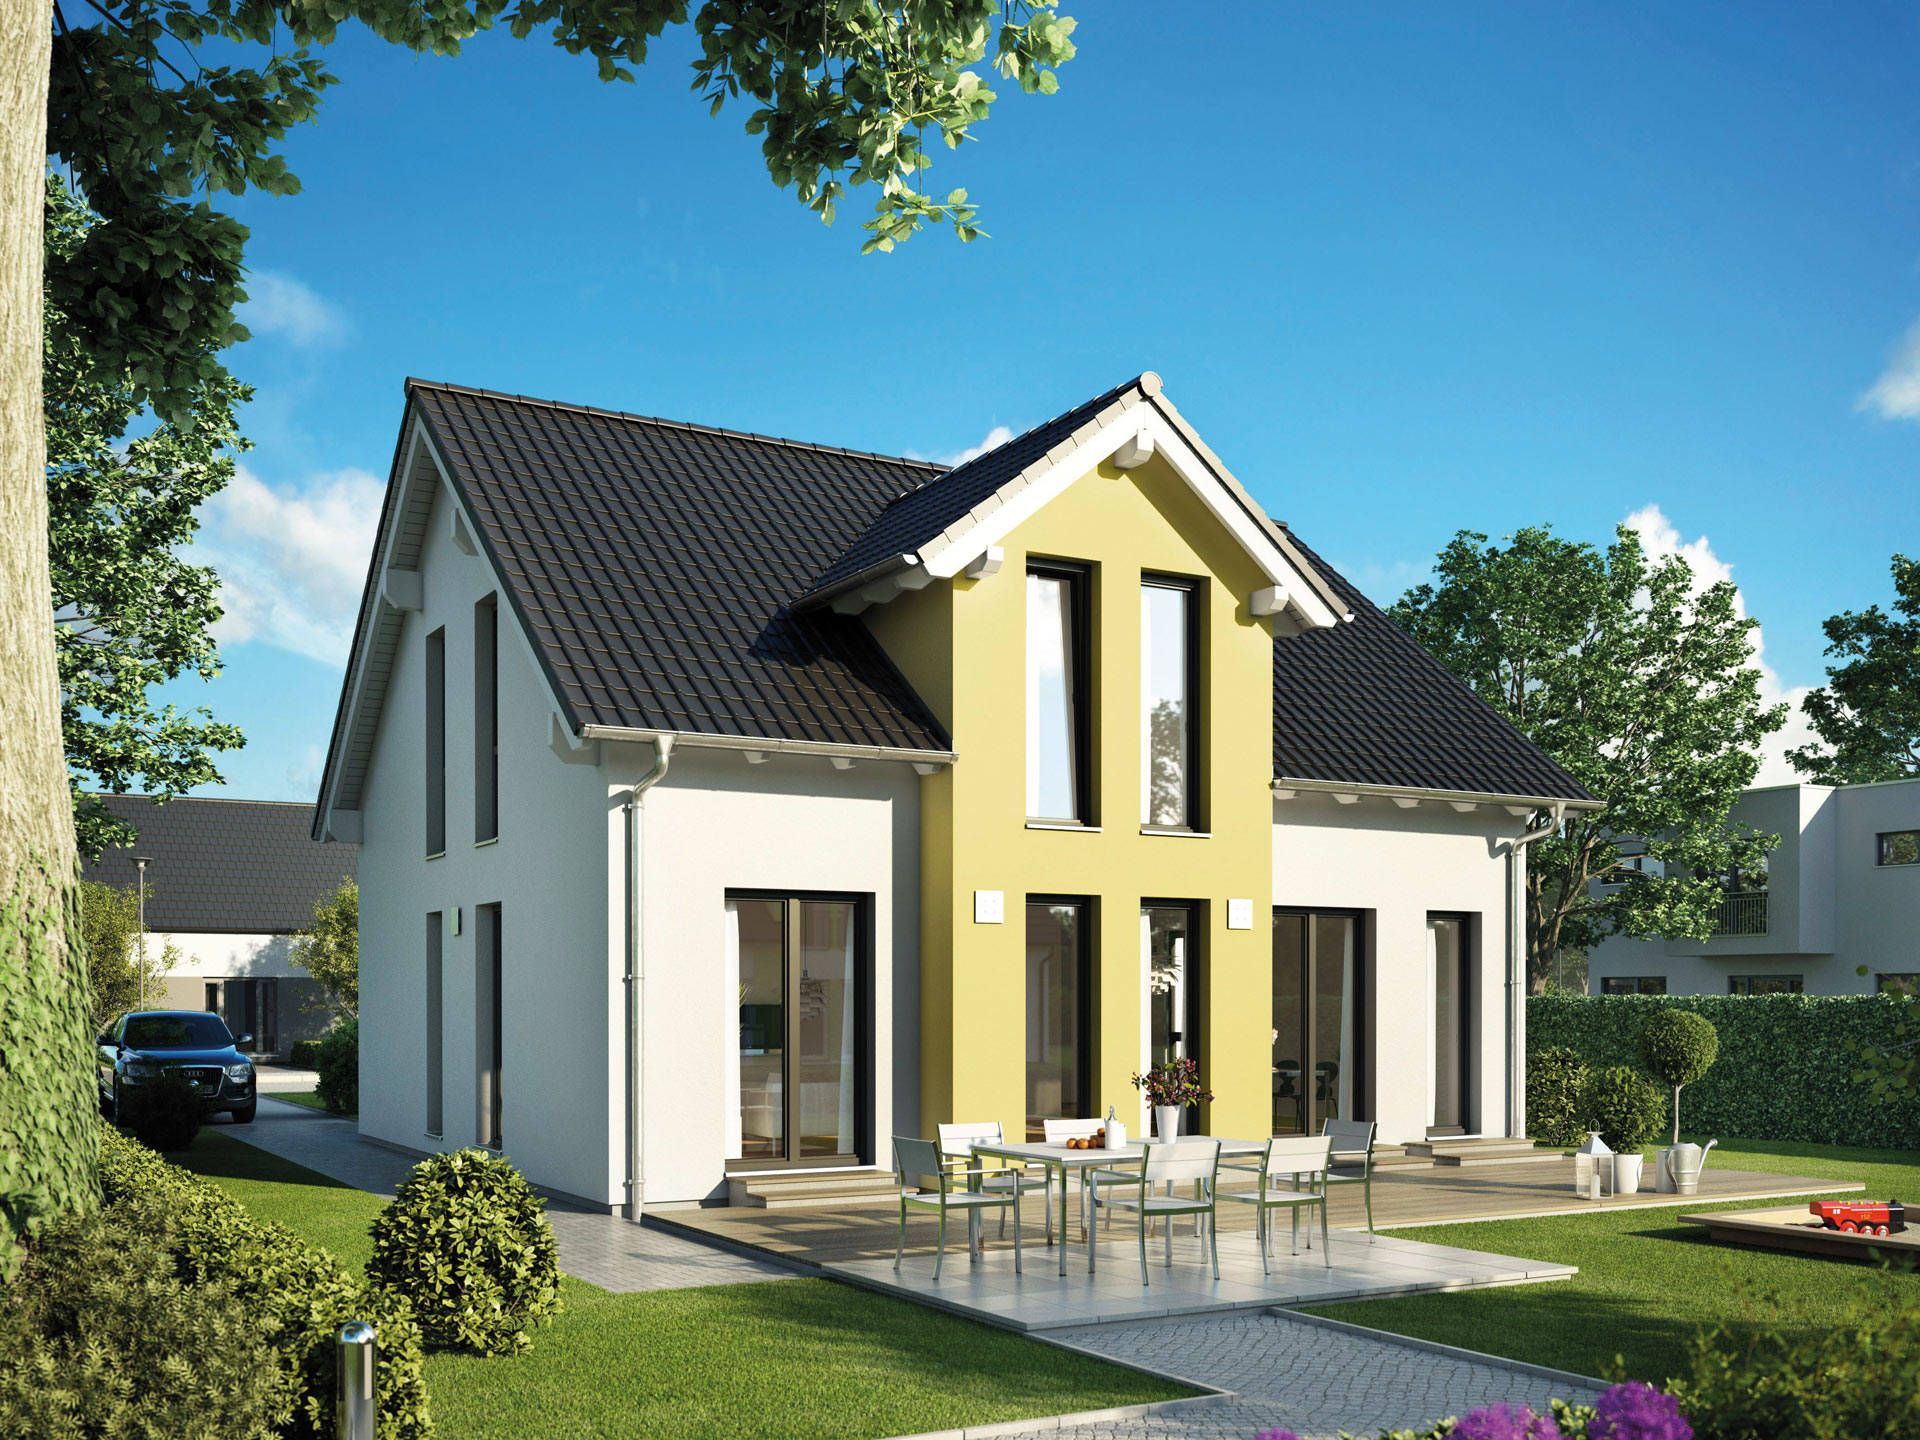 Einfamilienhaus Concept 11 • Energiesparhaus von Ein SteinHaus ...